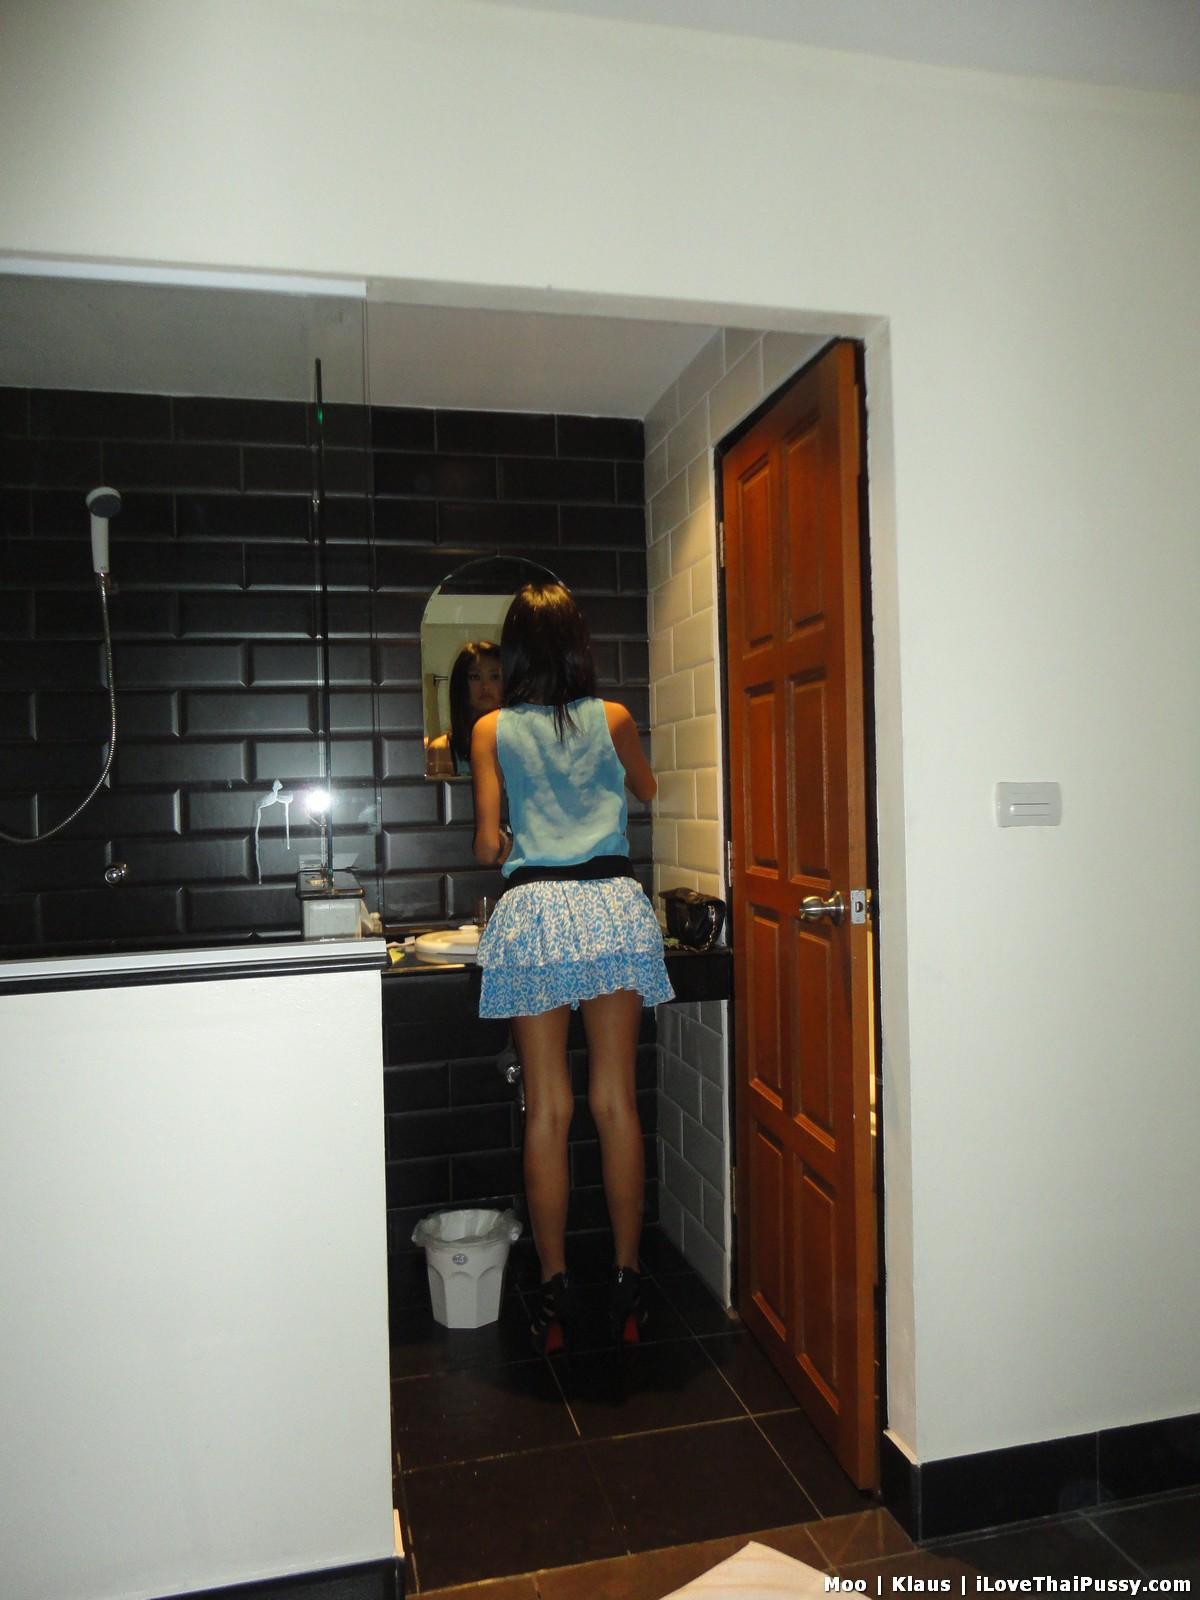 http://teensinasia.com/wp-content/uploads/2012/06/shy_pattaya_girl_moo_19.jpg